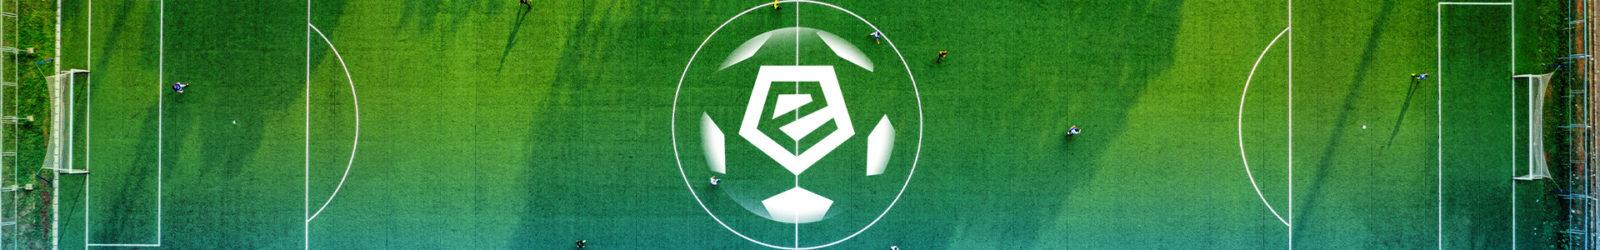 Ekstraklasa zakłady bukmacherskie